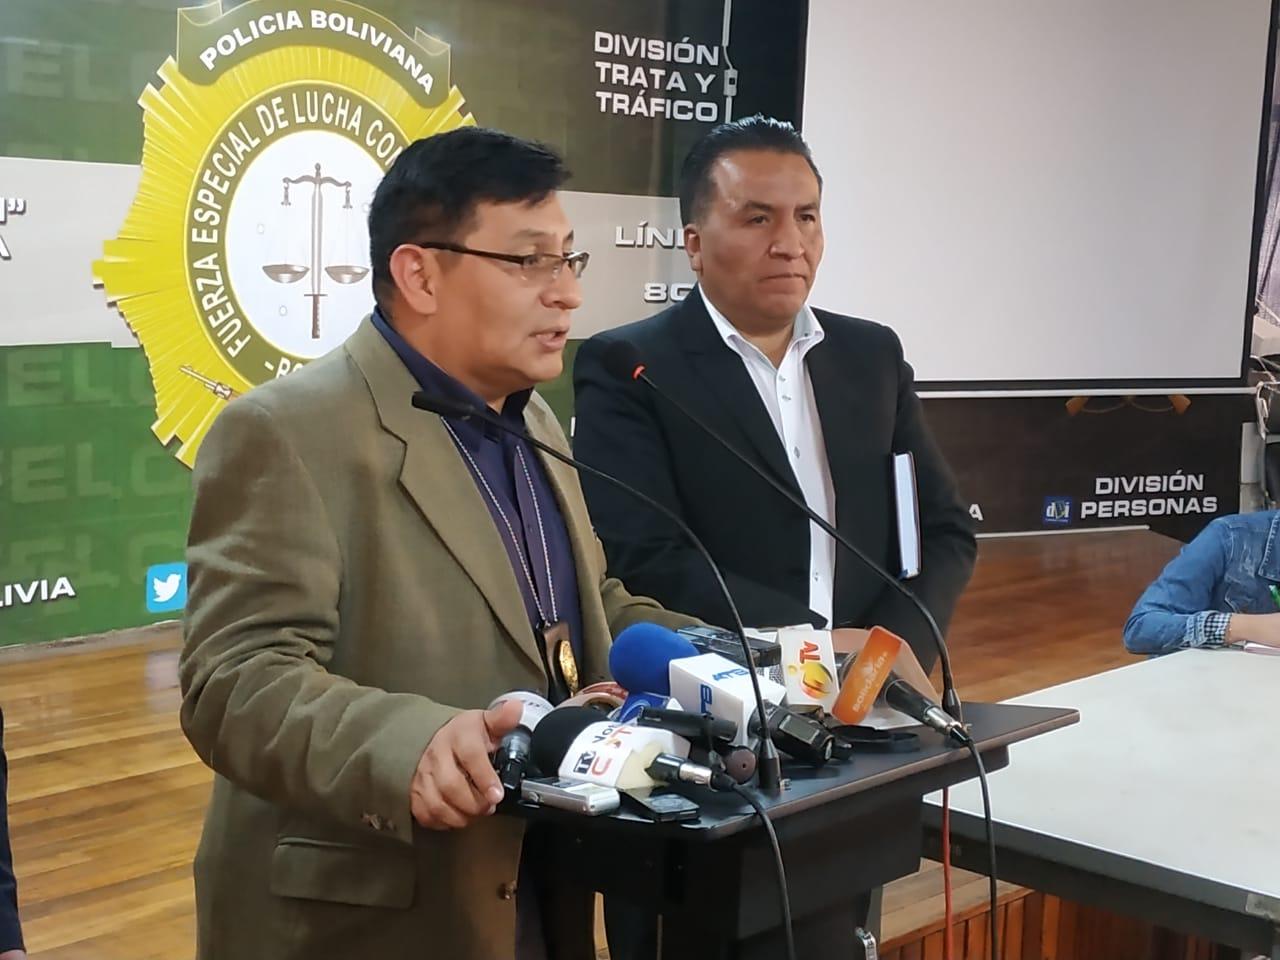 FELCC y CNS de Oruro hallaron al tramitador en flagrancia / ÁNGEL SALAZAR